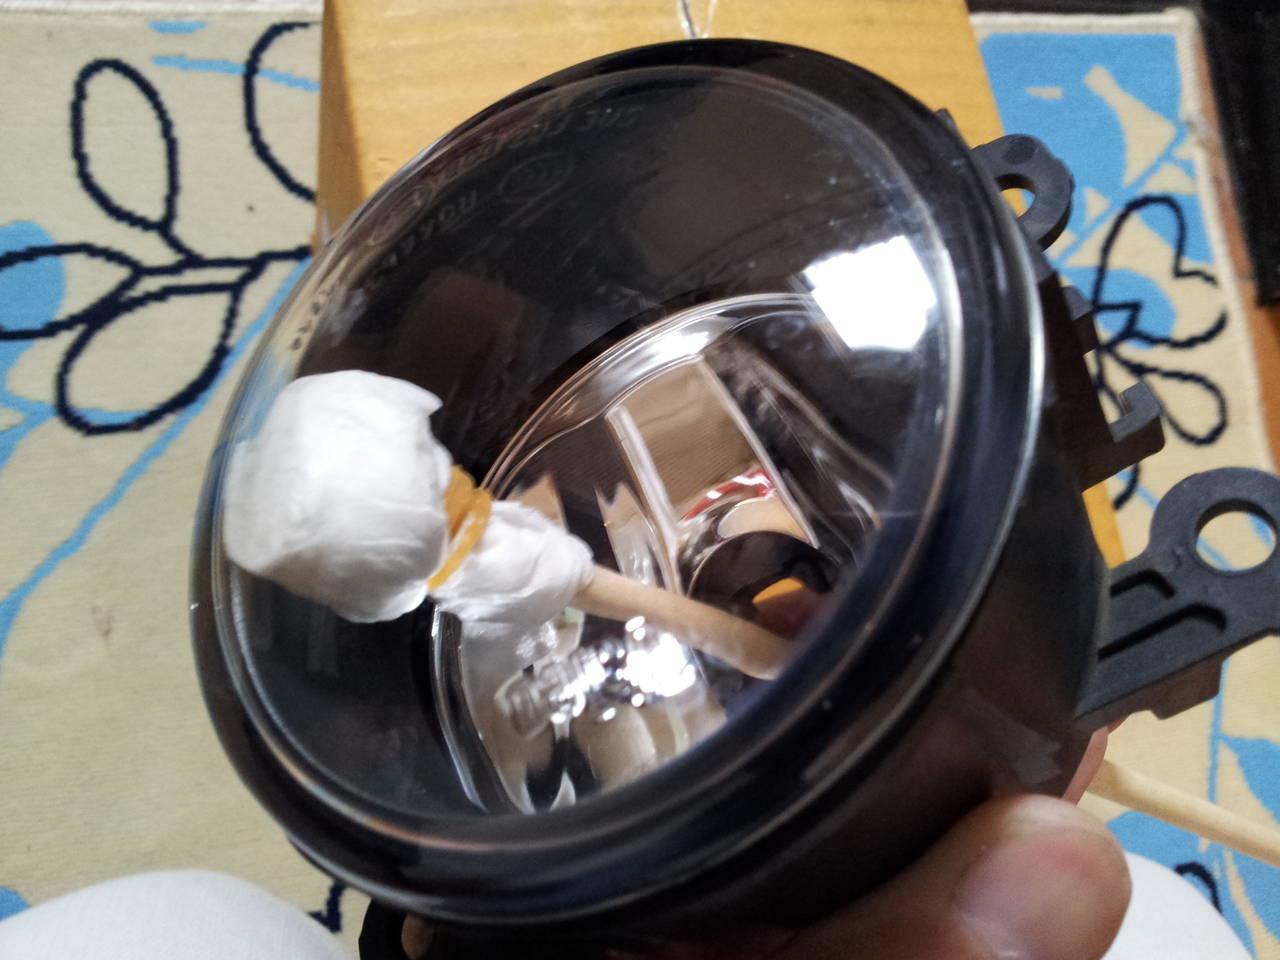 【ポン付け】純正ソケット用LED専用【市販品】12 [無断転載禁止]©2ch.netYouTube動画>6本 ->画像>131枚